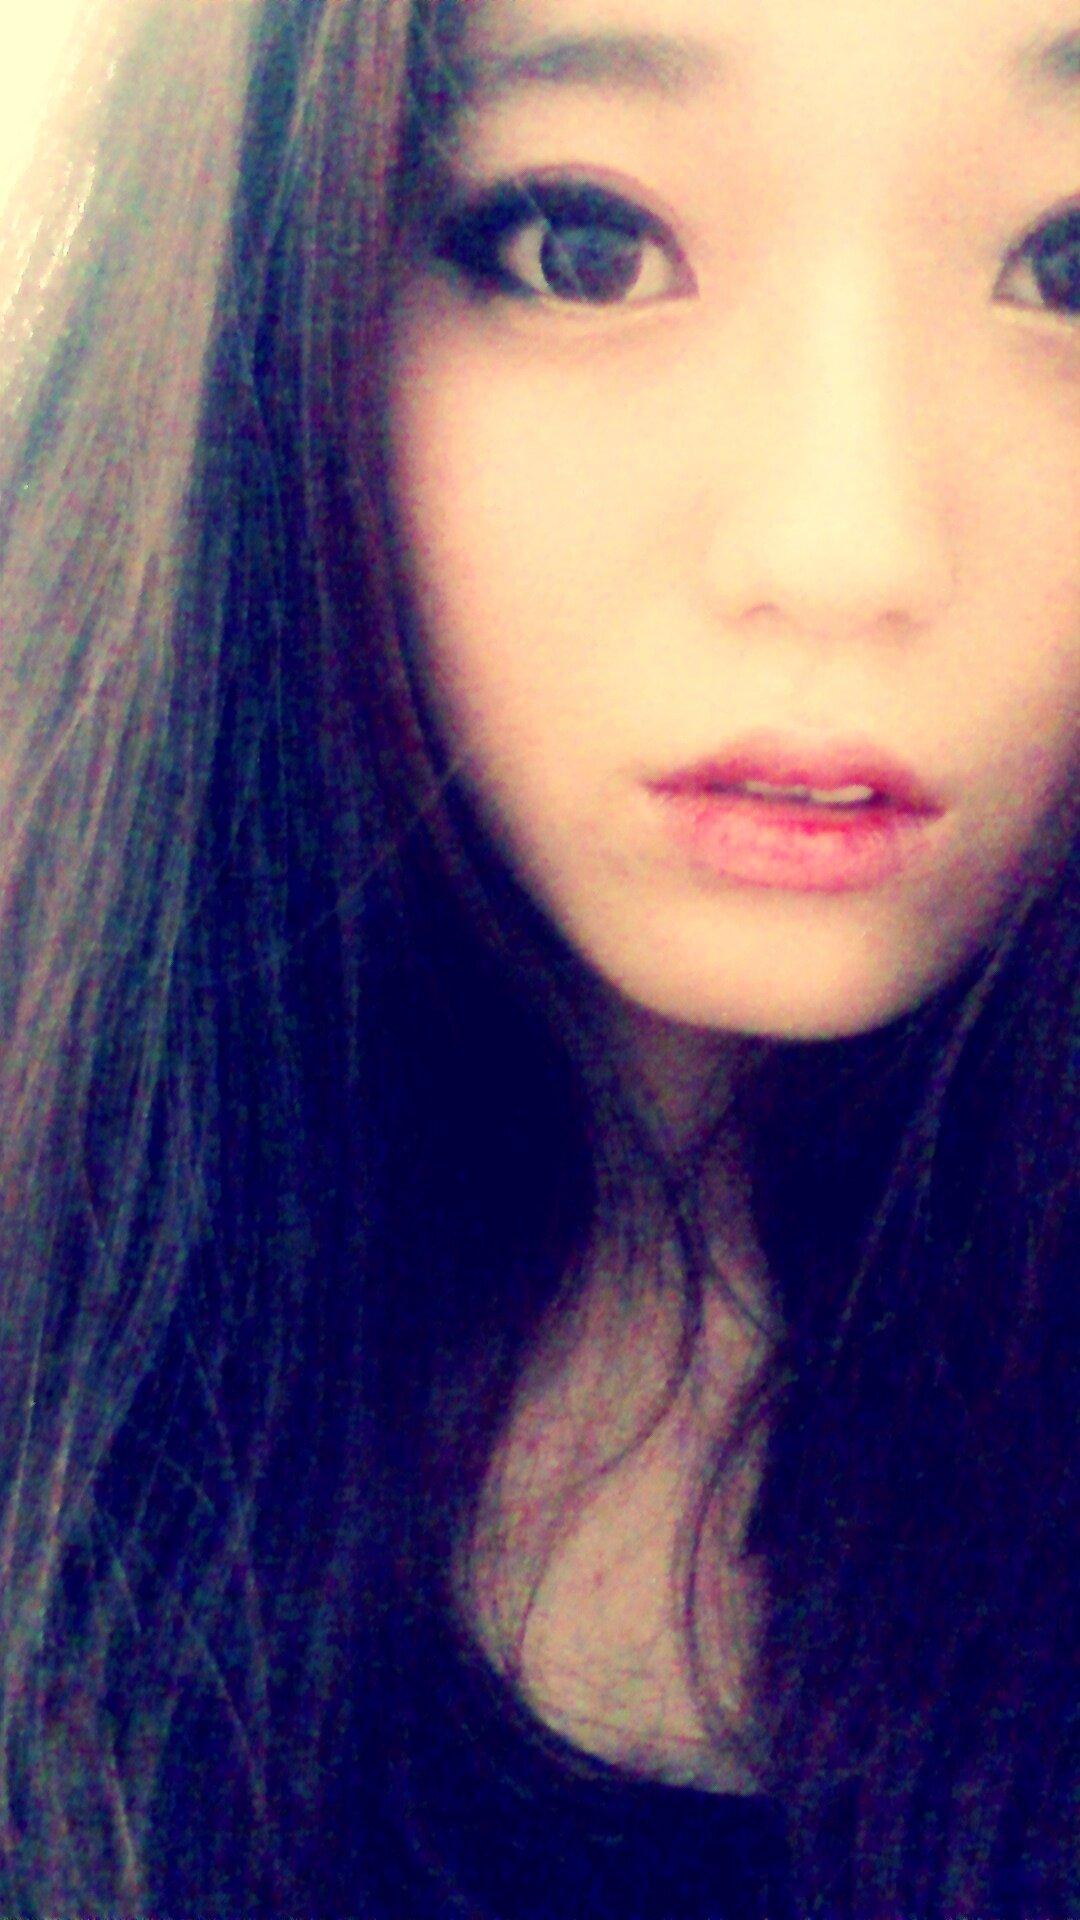 조하_♥ Social Profile